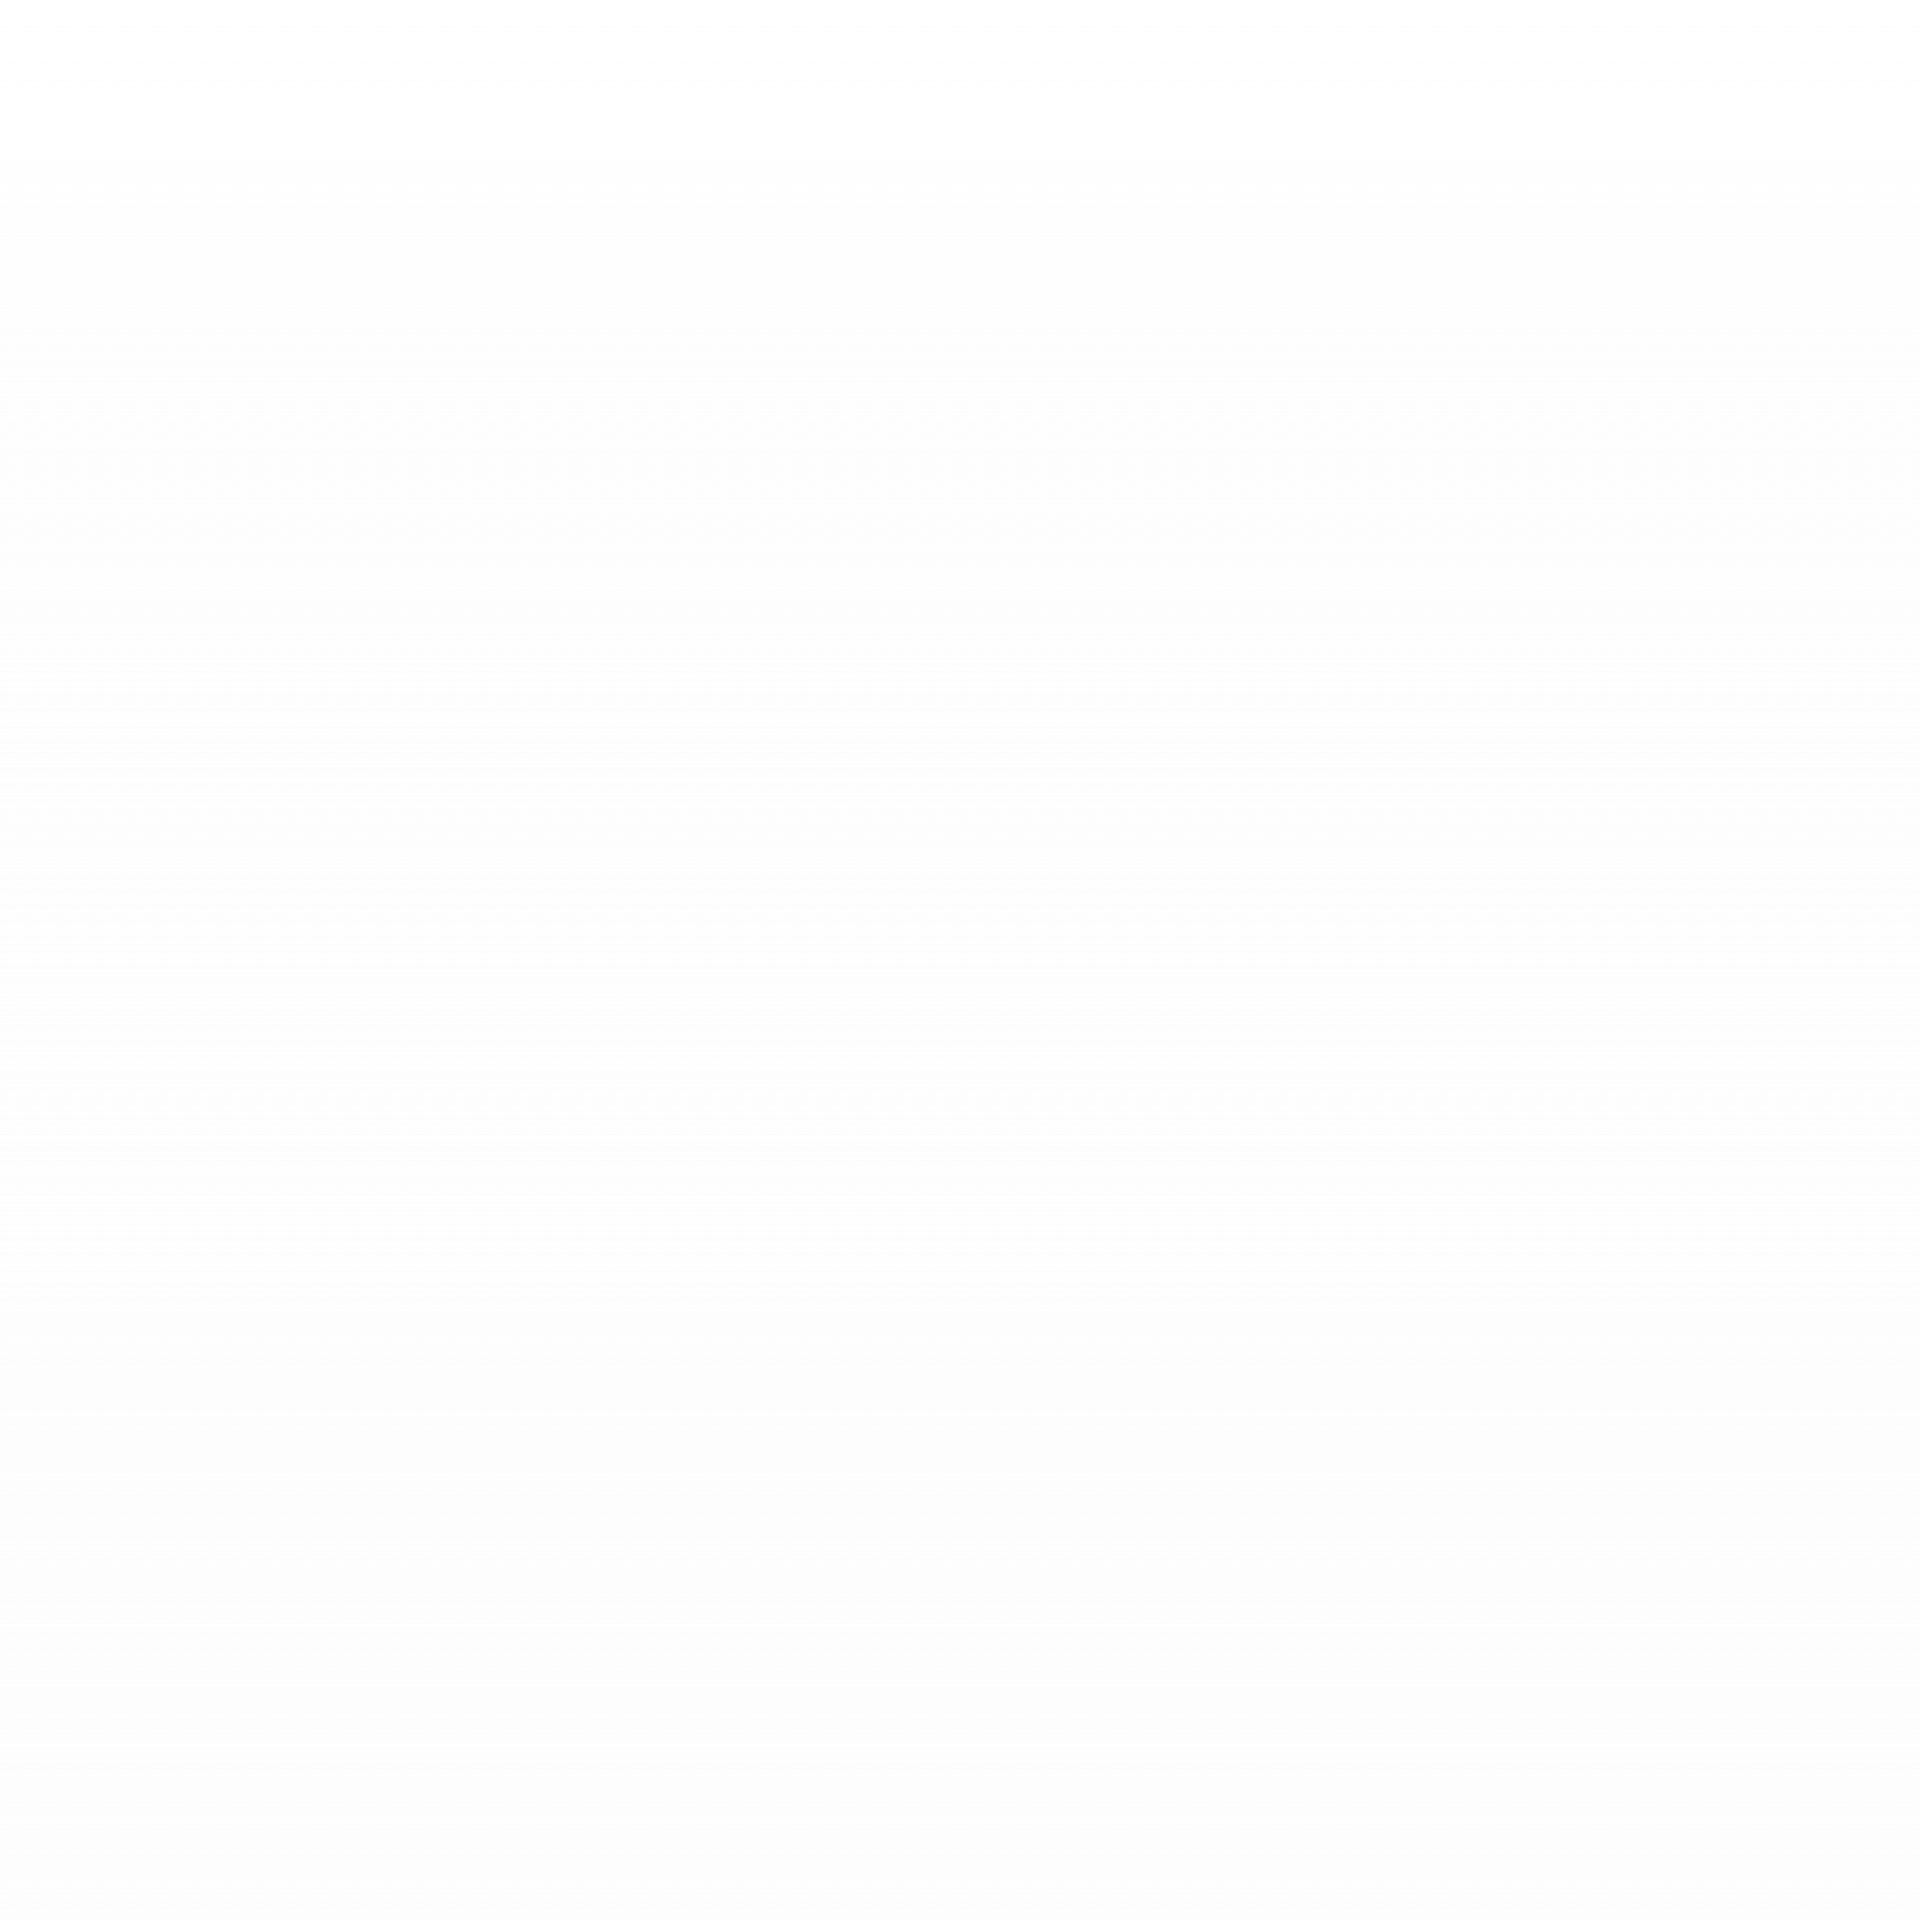 Konvolut von 11 alten Leinenhandtüchern um 1900